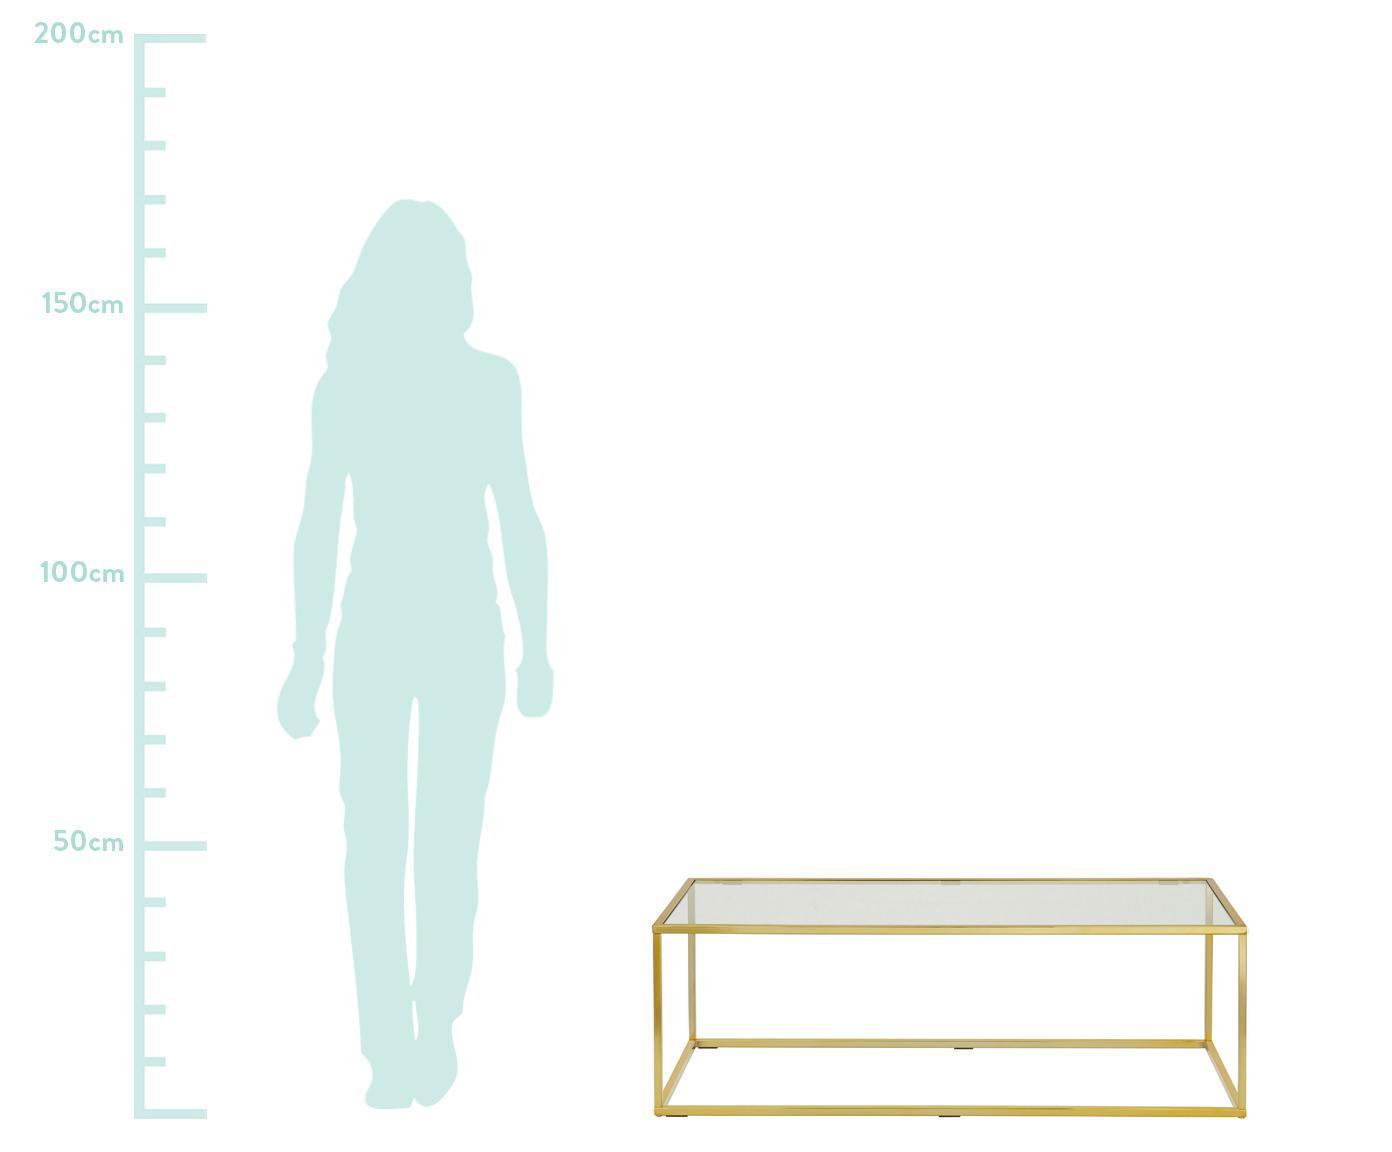 Couchtisch Maya mit Glasplatte, Tischplatte: Sicherheitsglas, Gestell: Metall, galvanisiert, Tischplatte: Glas, transparentGestell: Goldfarben, glänzend, 110 x 36 cm